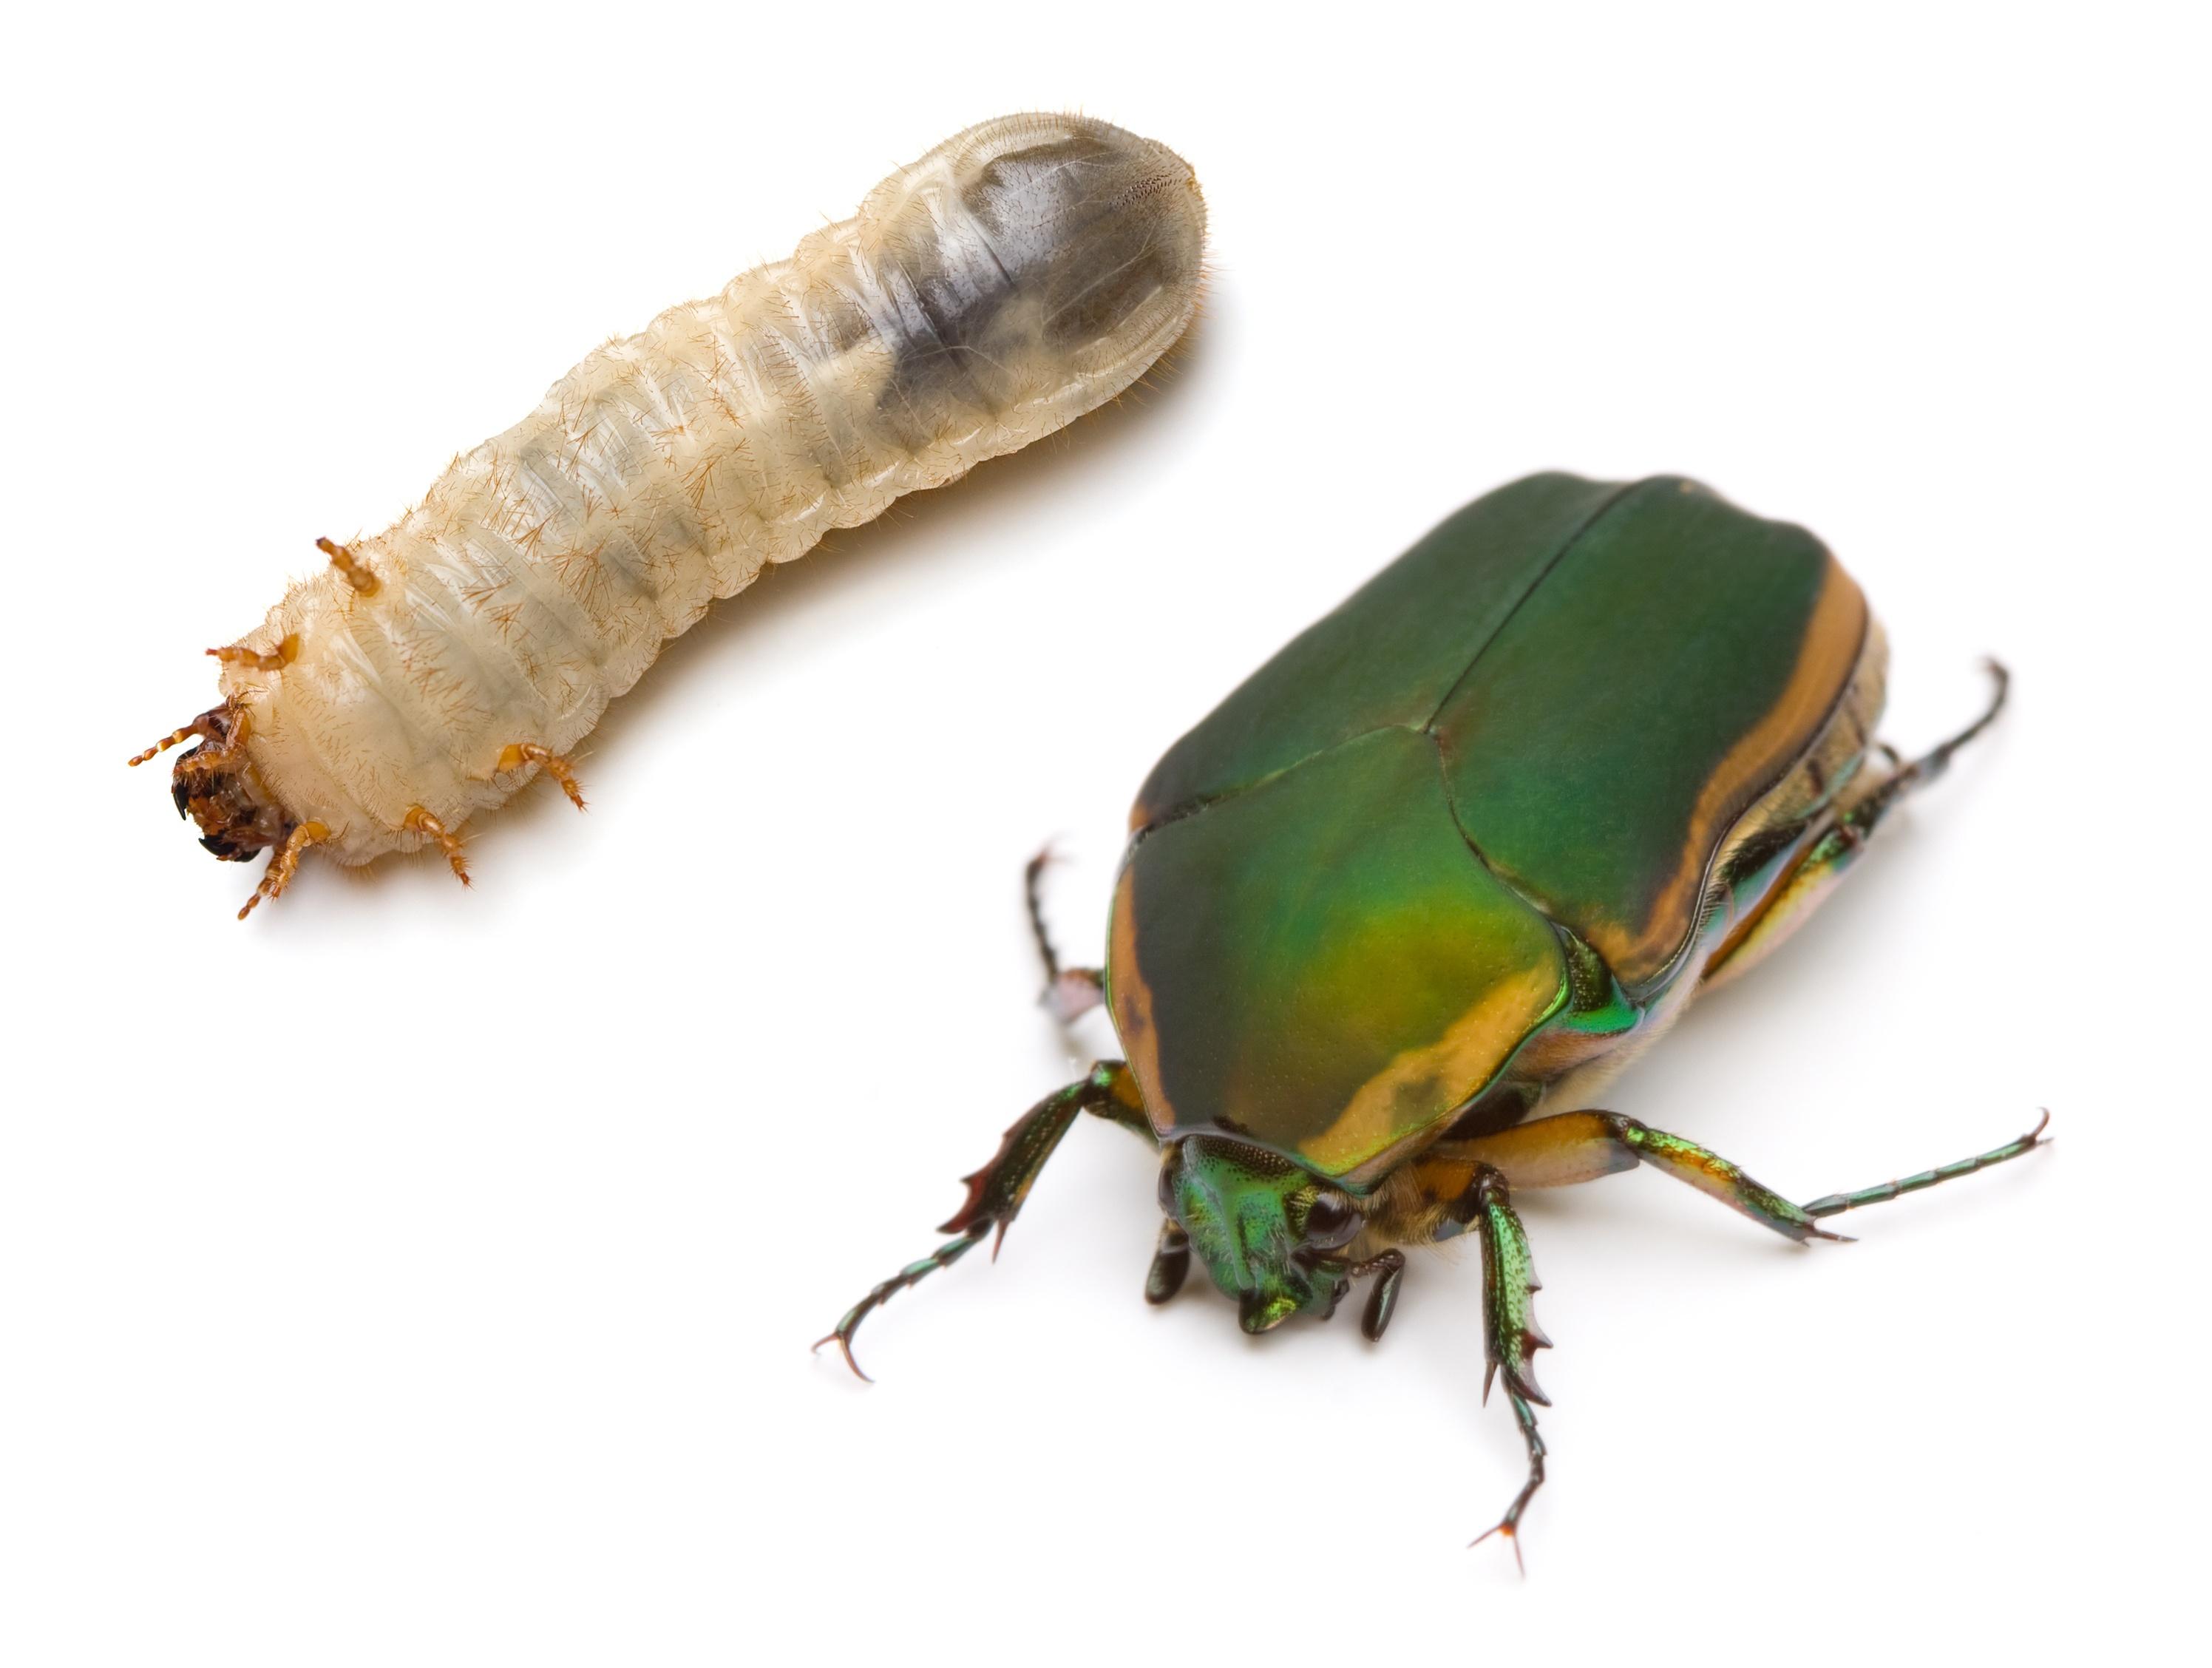 green-june-beetle-grub.jpg